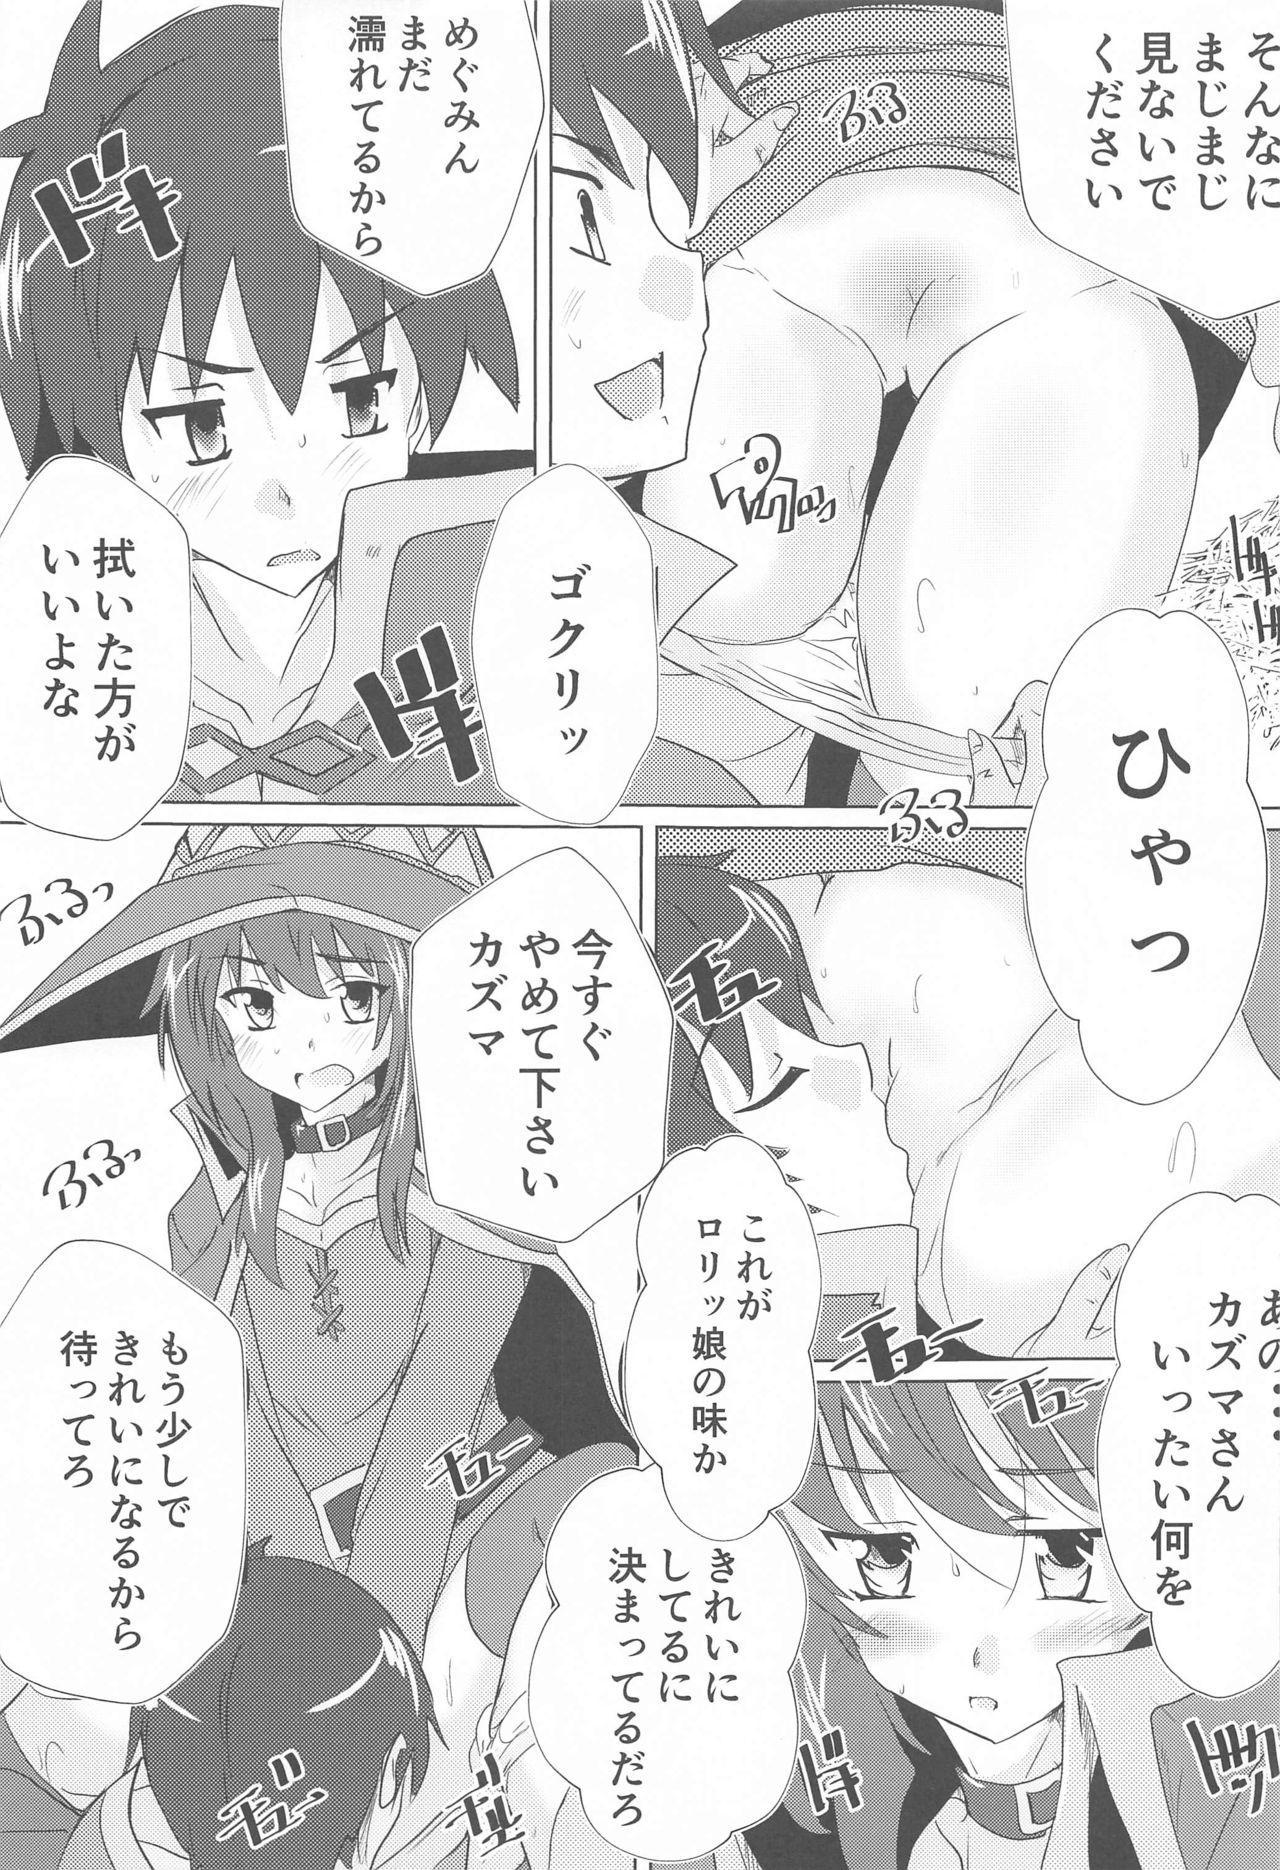 Megumin no Nichijou 5